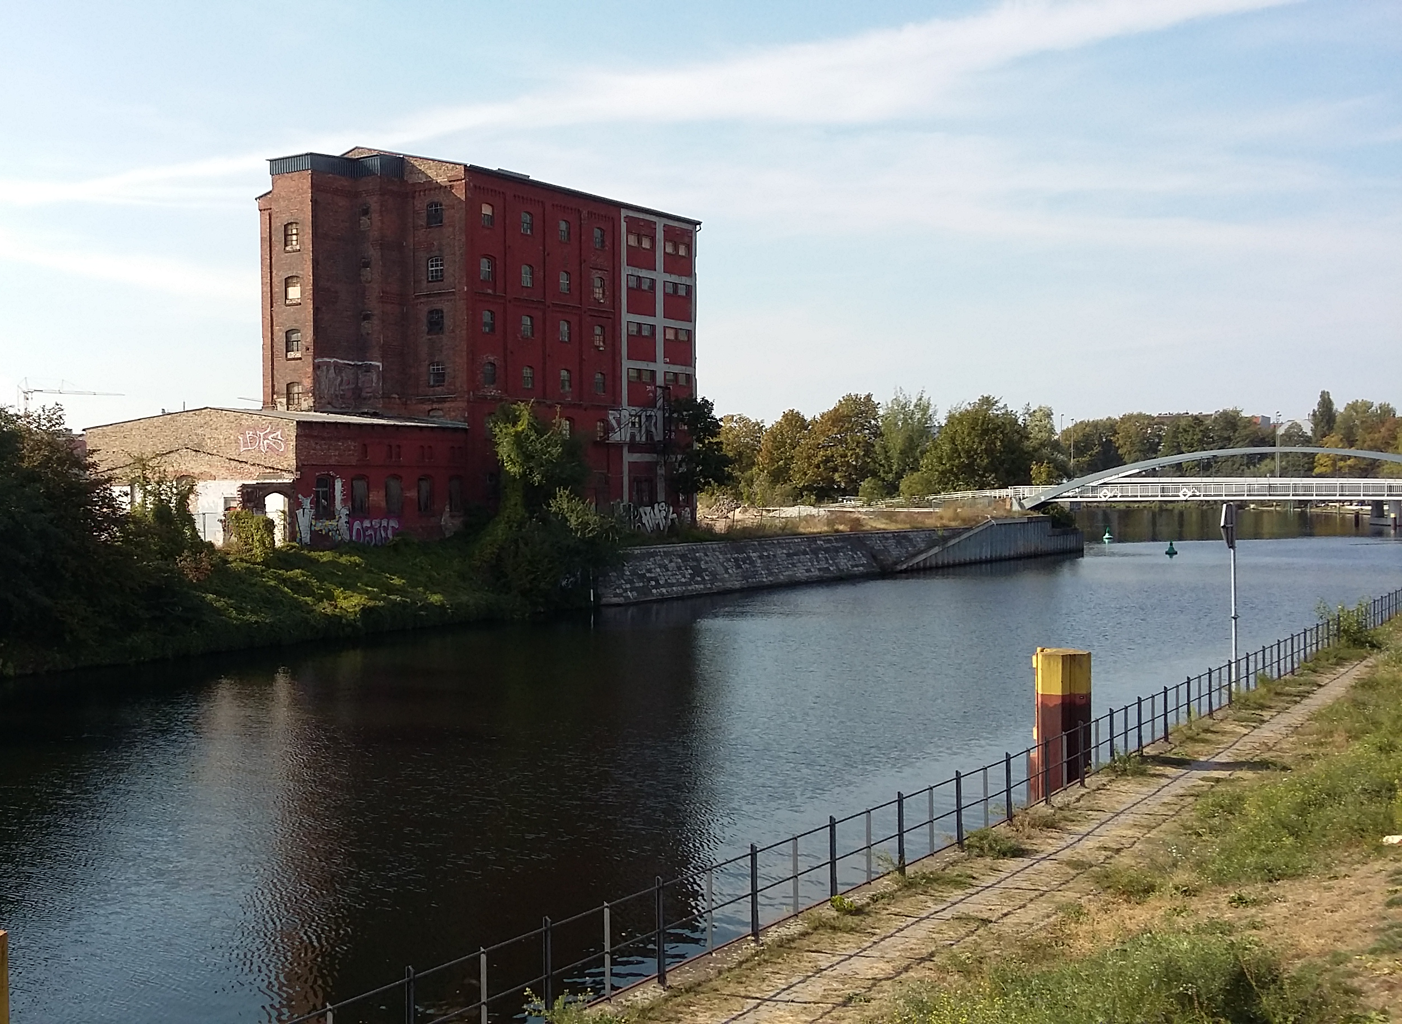 Uferweg am Nordhafen: Blick auf ein leerstehendes Industriegebäude in der Heidestraße